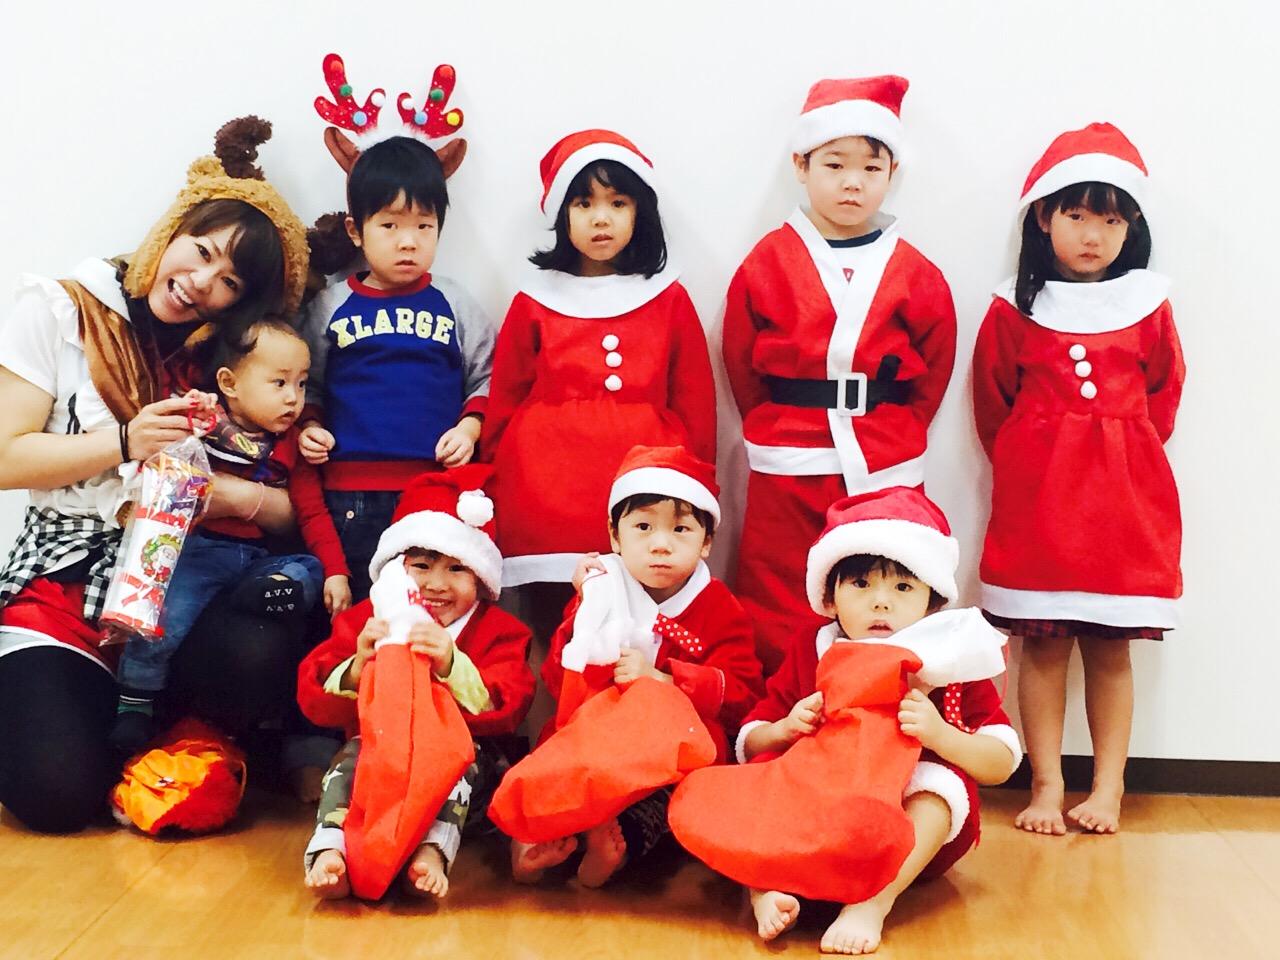 ぴよぴよキッズダンスクリスマス会☆